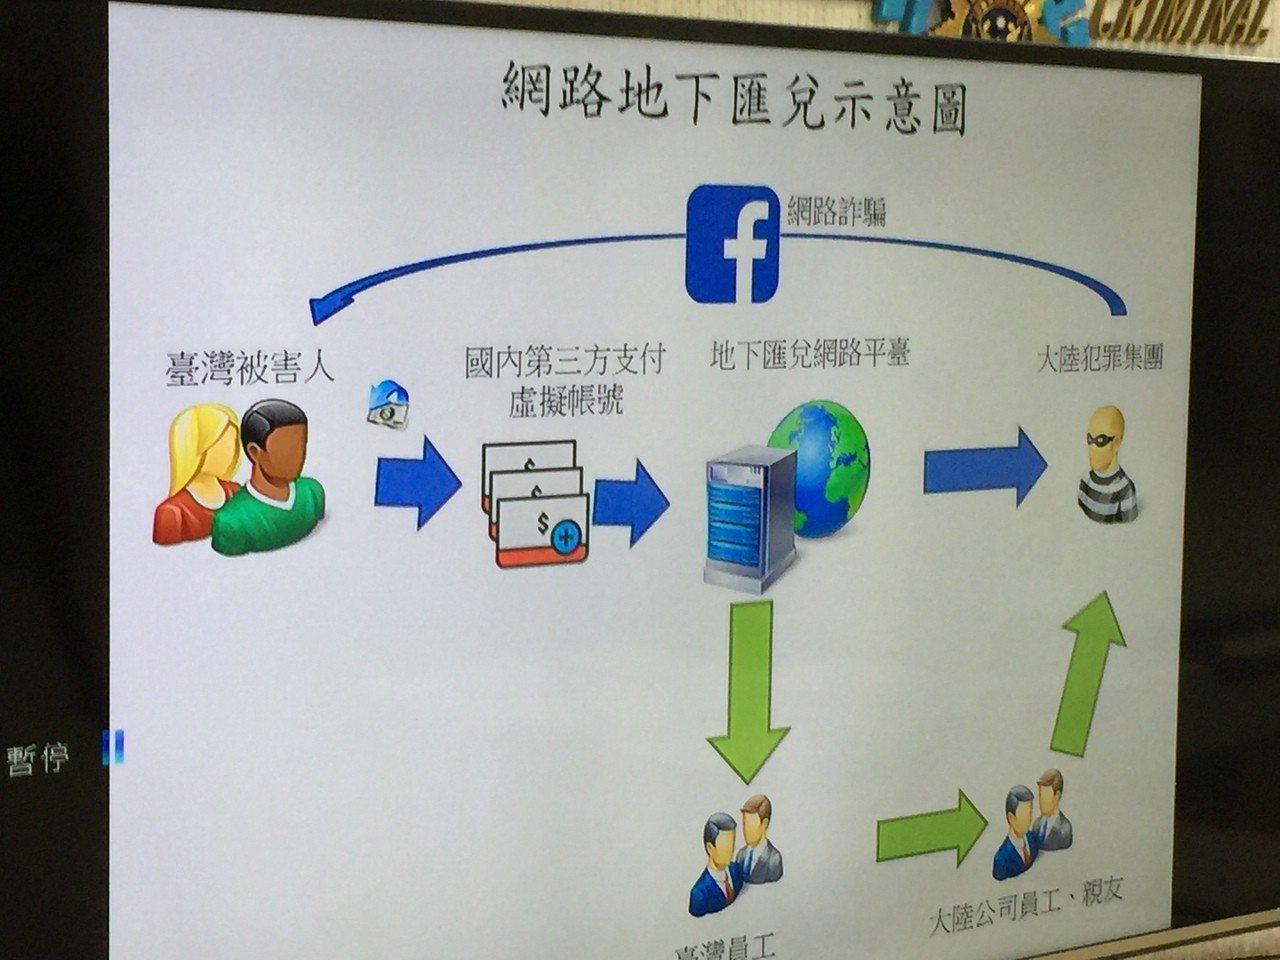 刑事局以圖示解說非法地下匯兌手法。記者陳金松/攝影